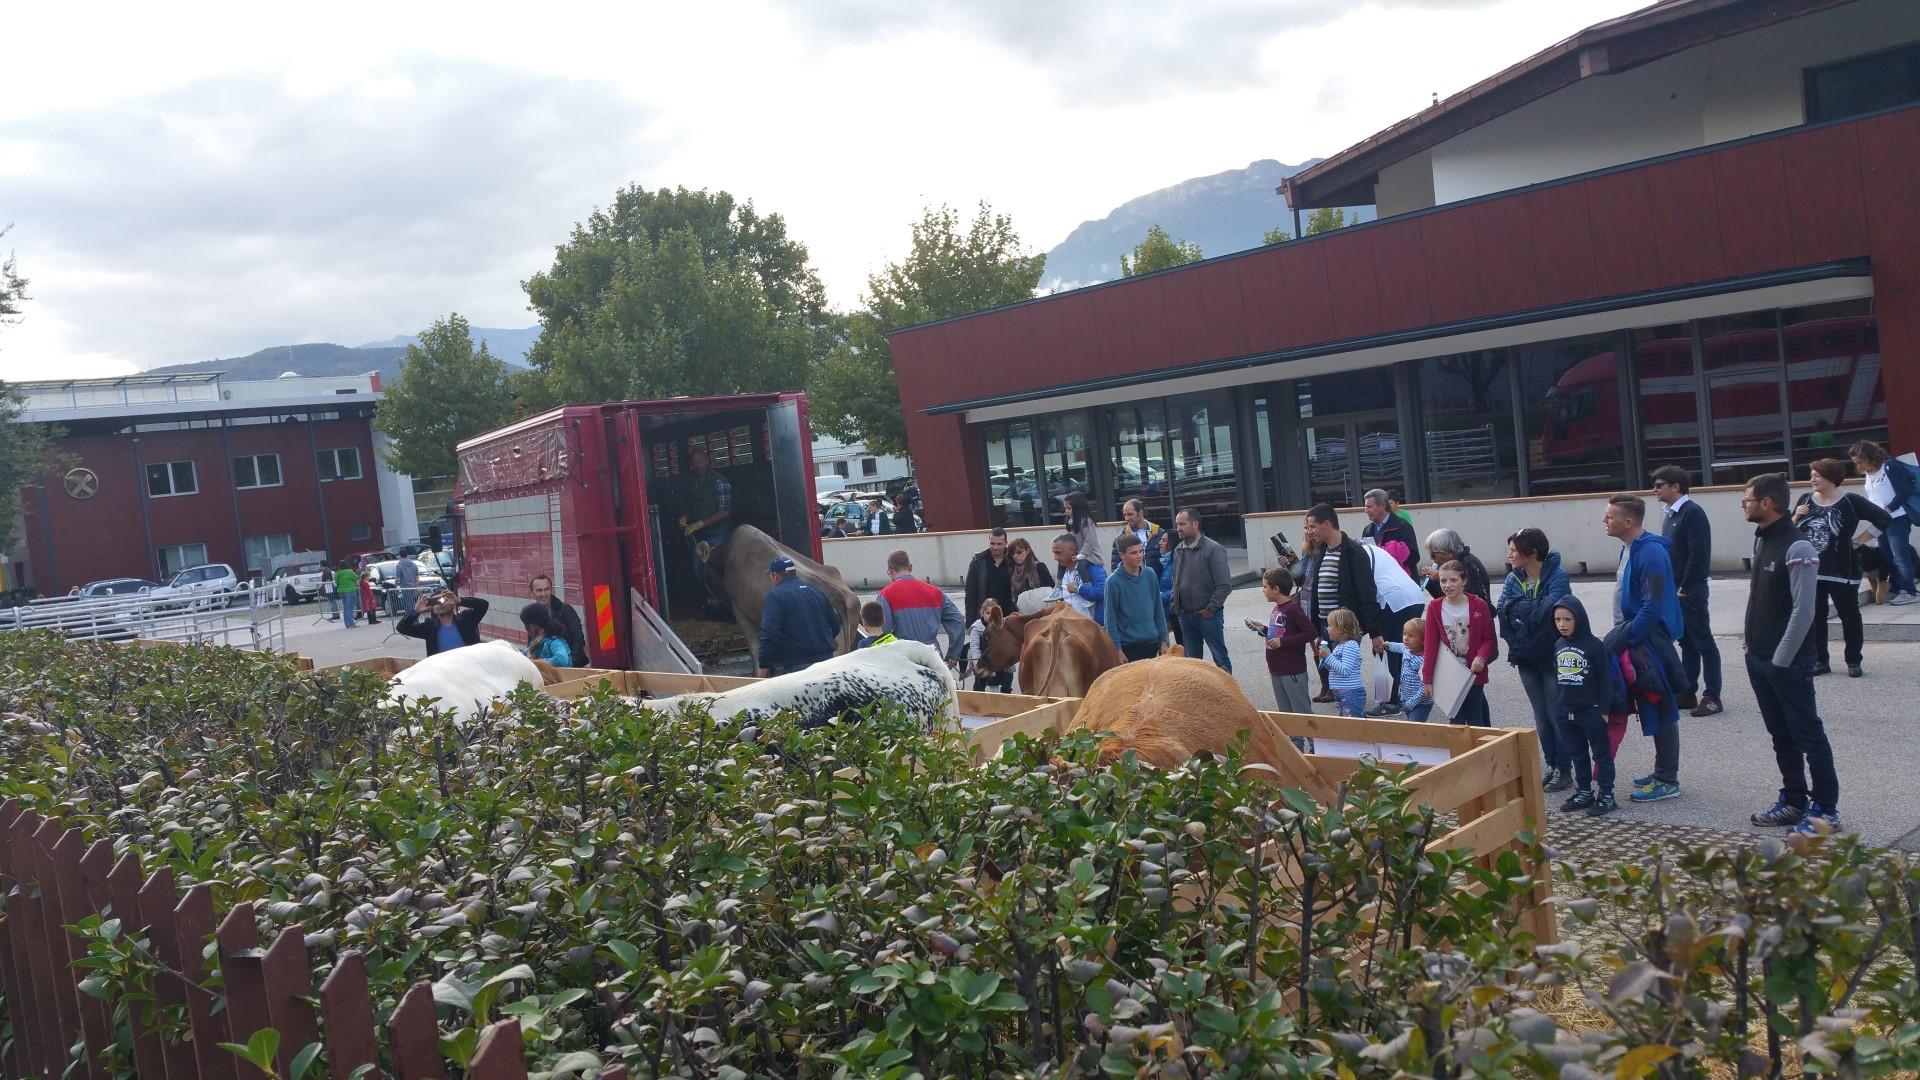 20161015 160611 - Fronte animalista Bolzano - Manifestazione Porte aperte 10 anni della casa della zootecnia